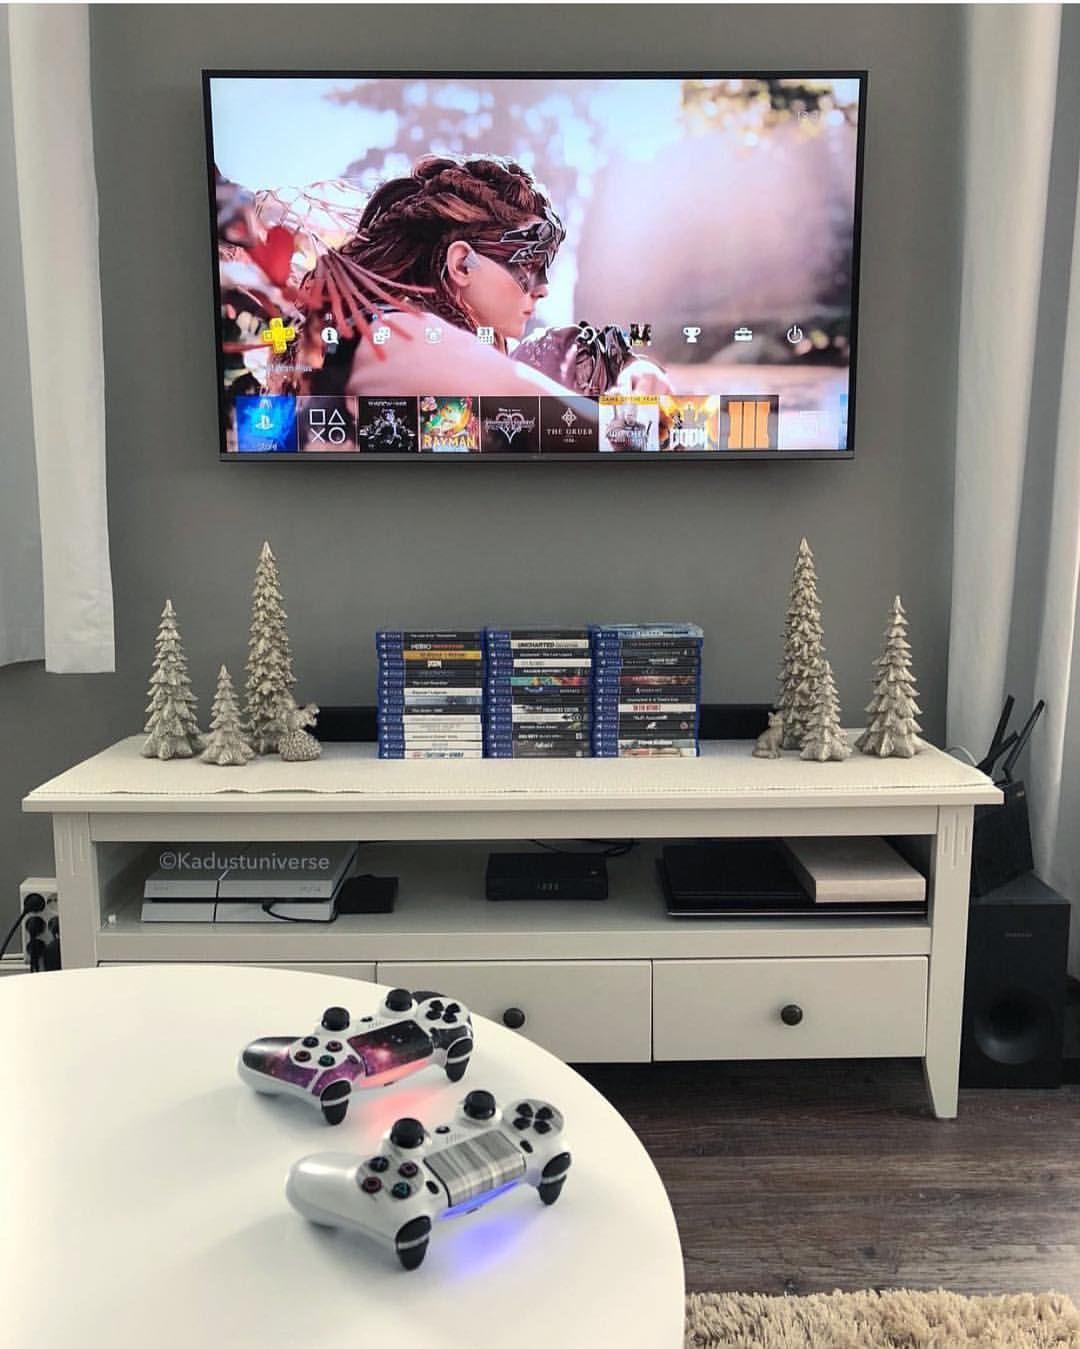 Pin De Teo Mirkovic Em Gameroom Em 2020 Salas De Jogos Pequena Salas De Videogame Design De Sala De Jogo